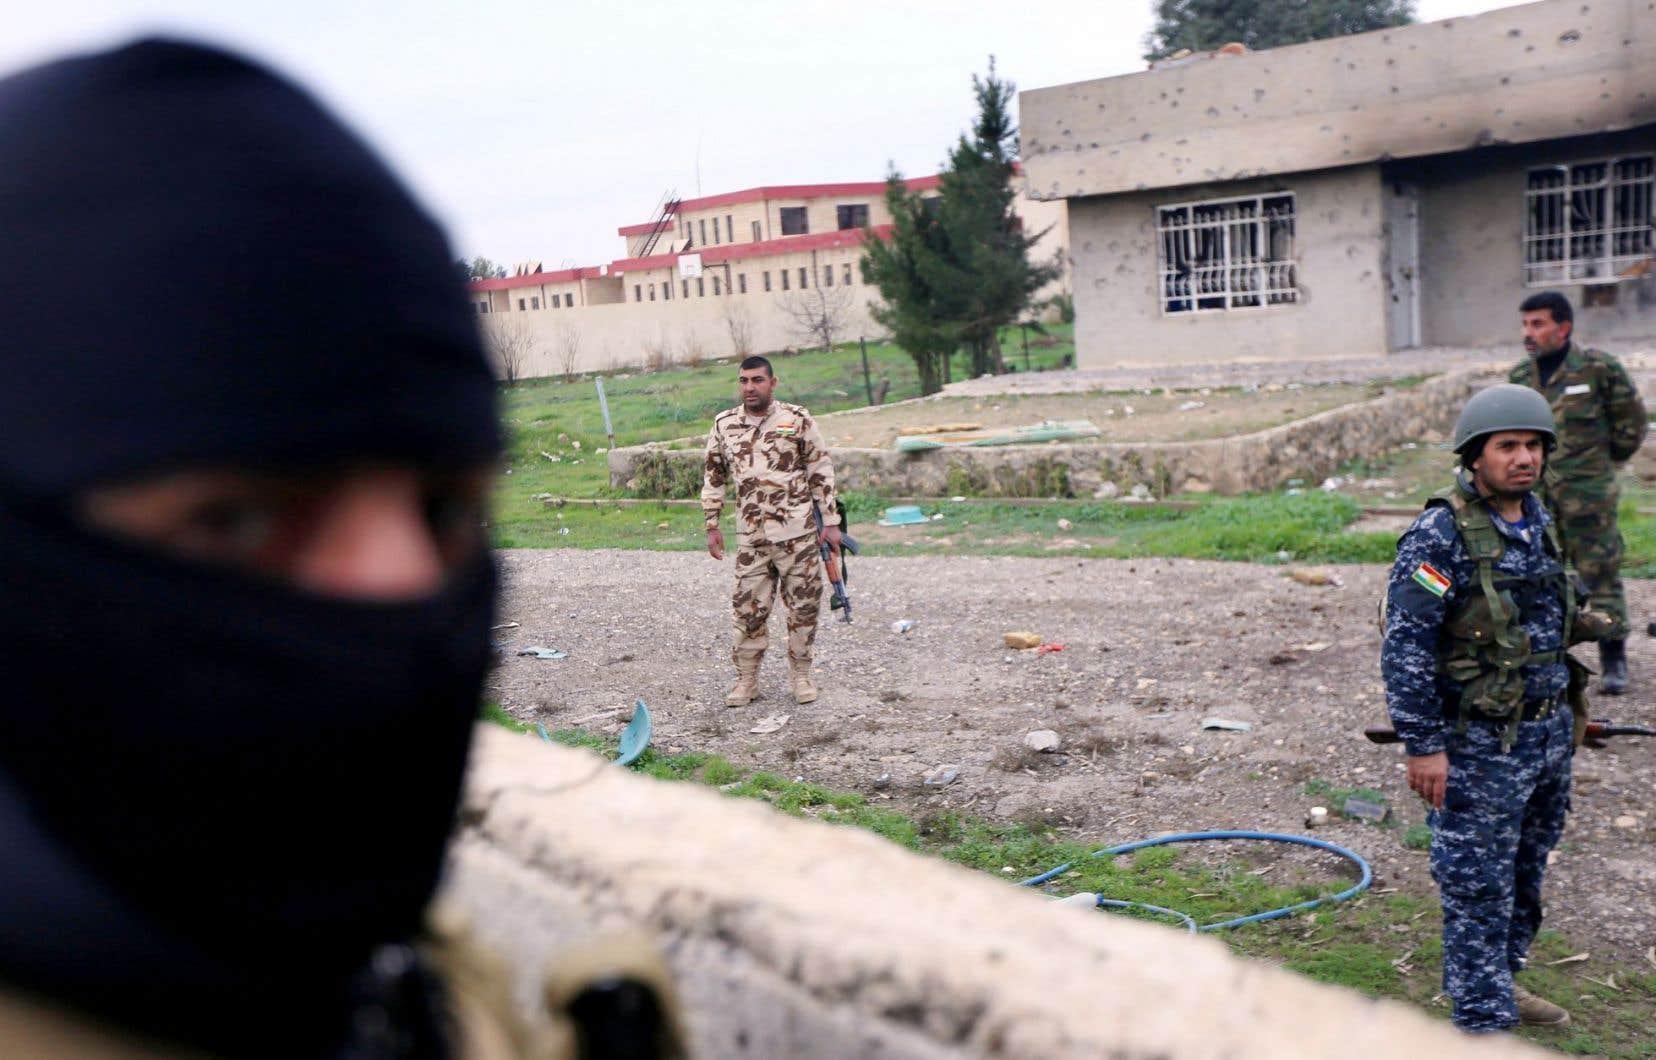 Des peshmerga patrouillaient dans la ville de Zummar jeudi.